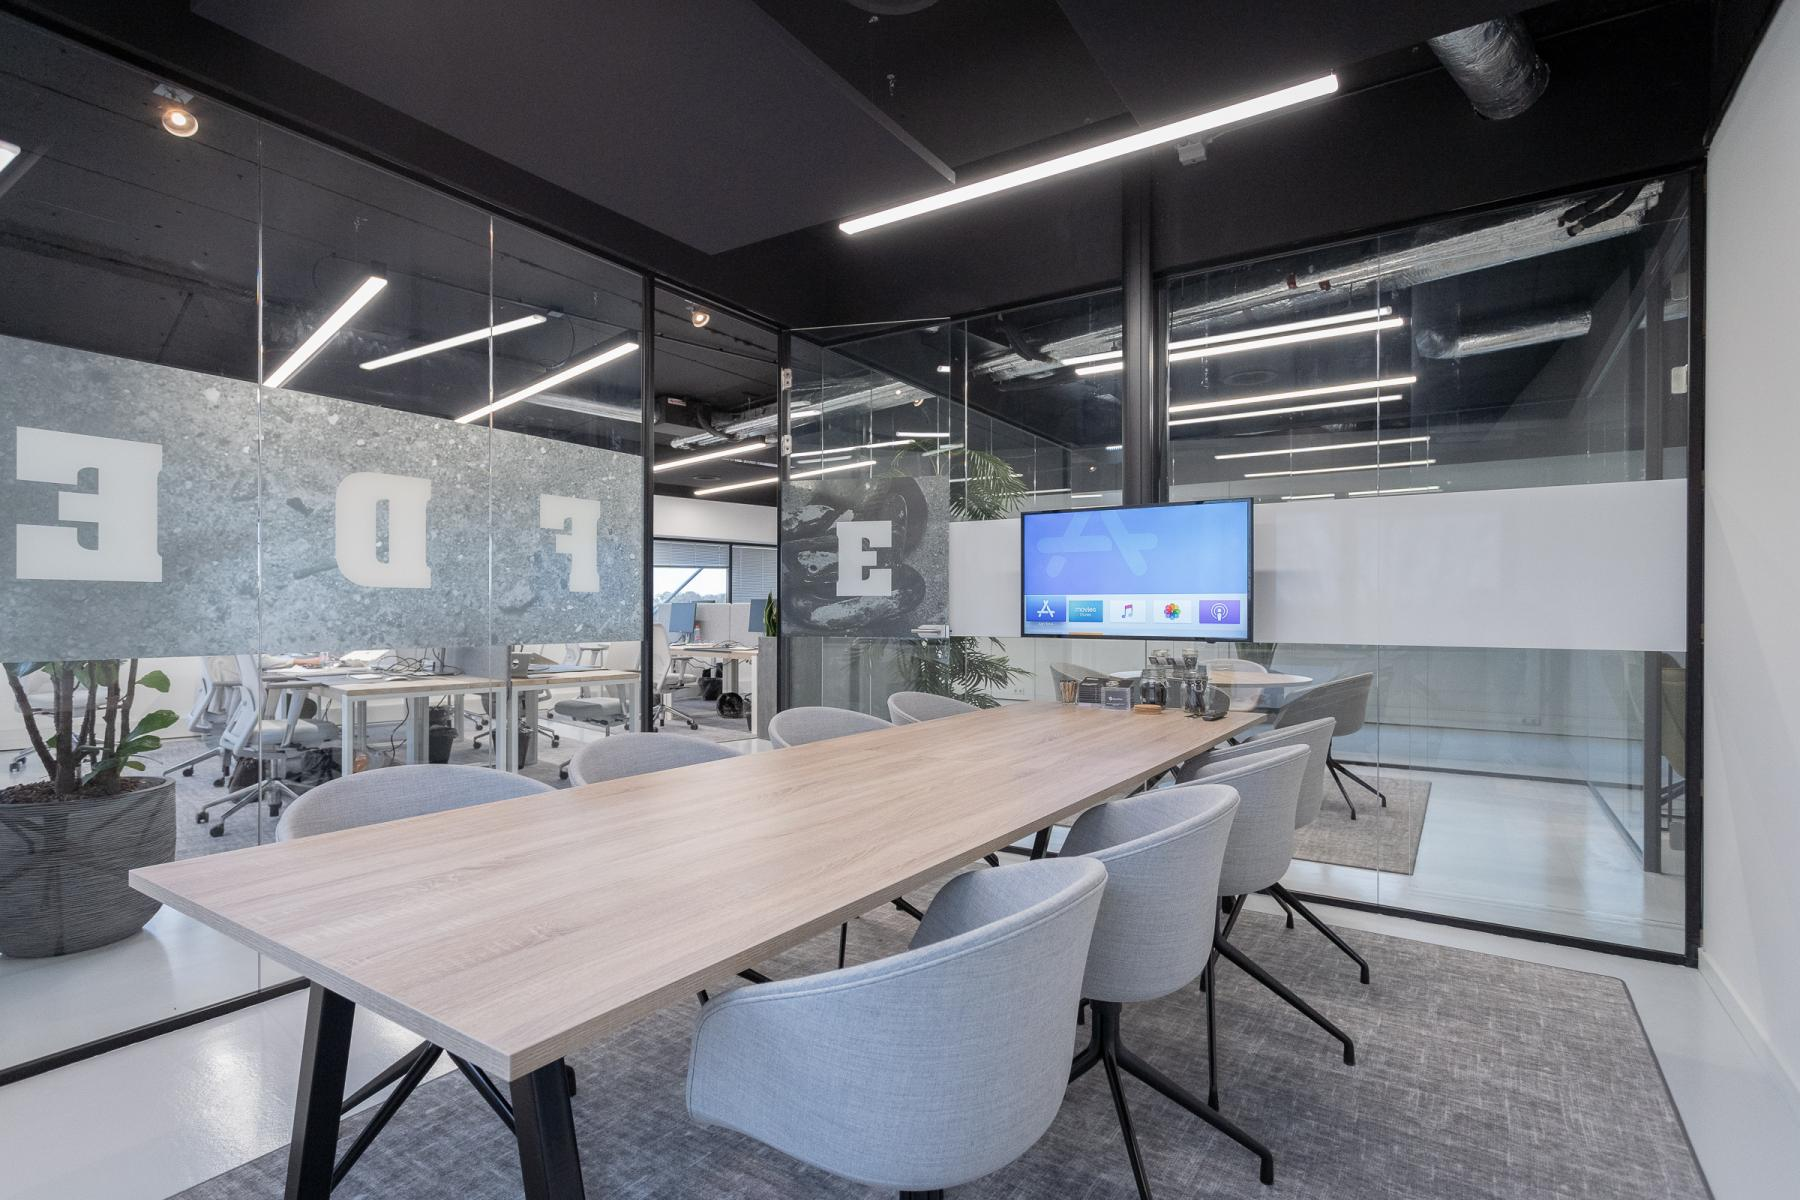 Officeplanner MeetingBox